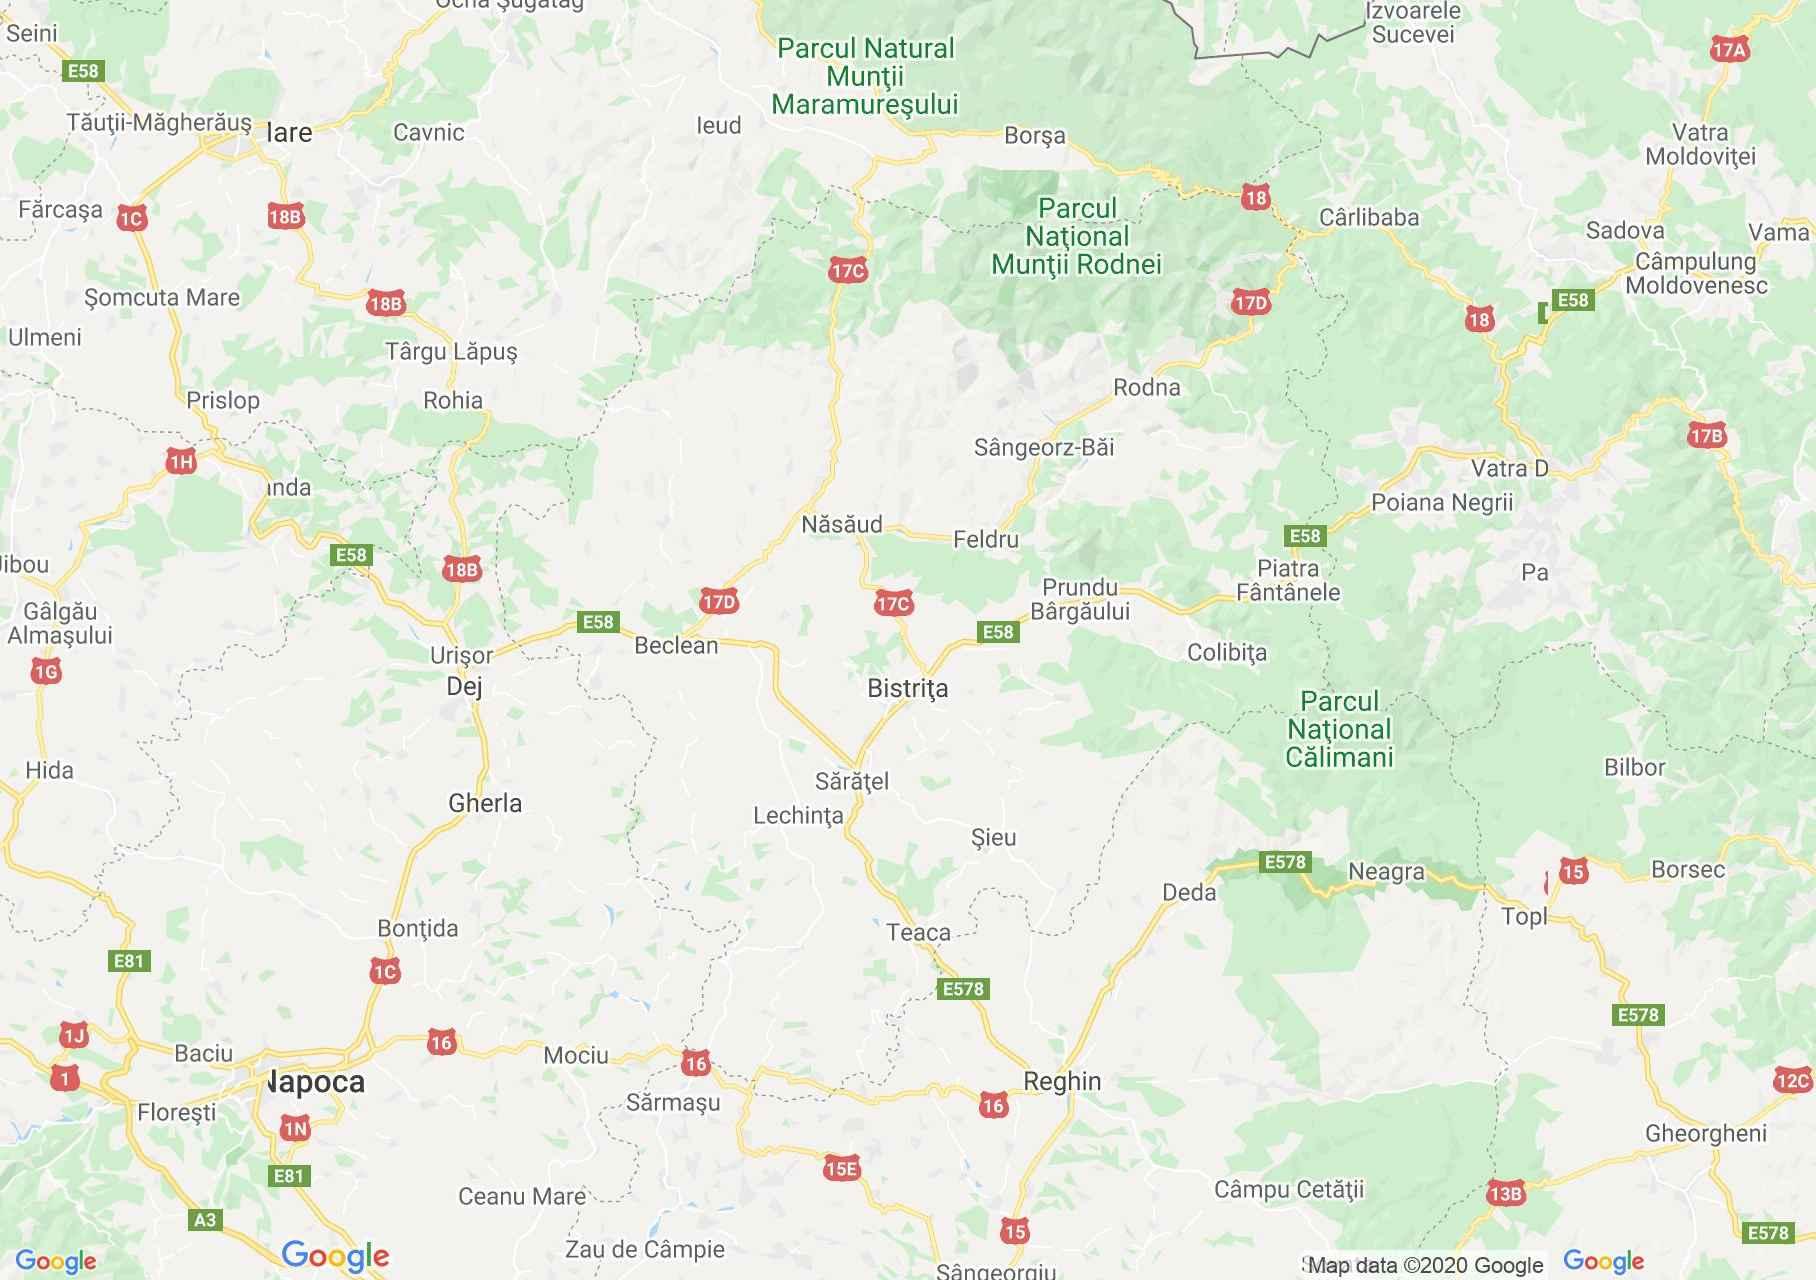 Judeţul Bistriţa-Năsăud: (Bistrița), Harta turistică interactivă